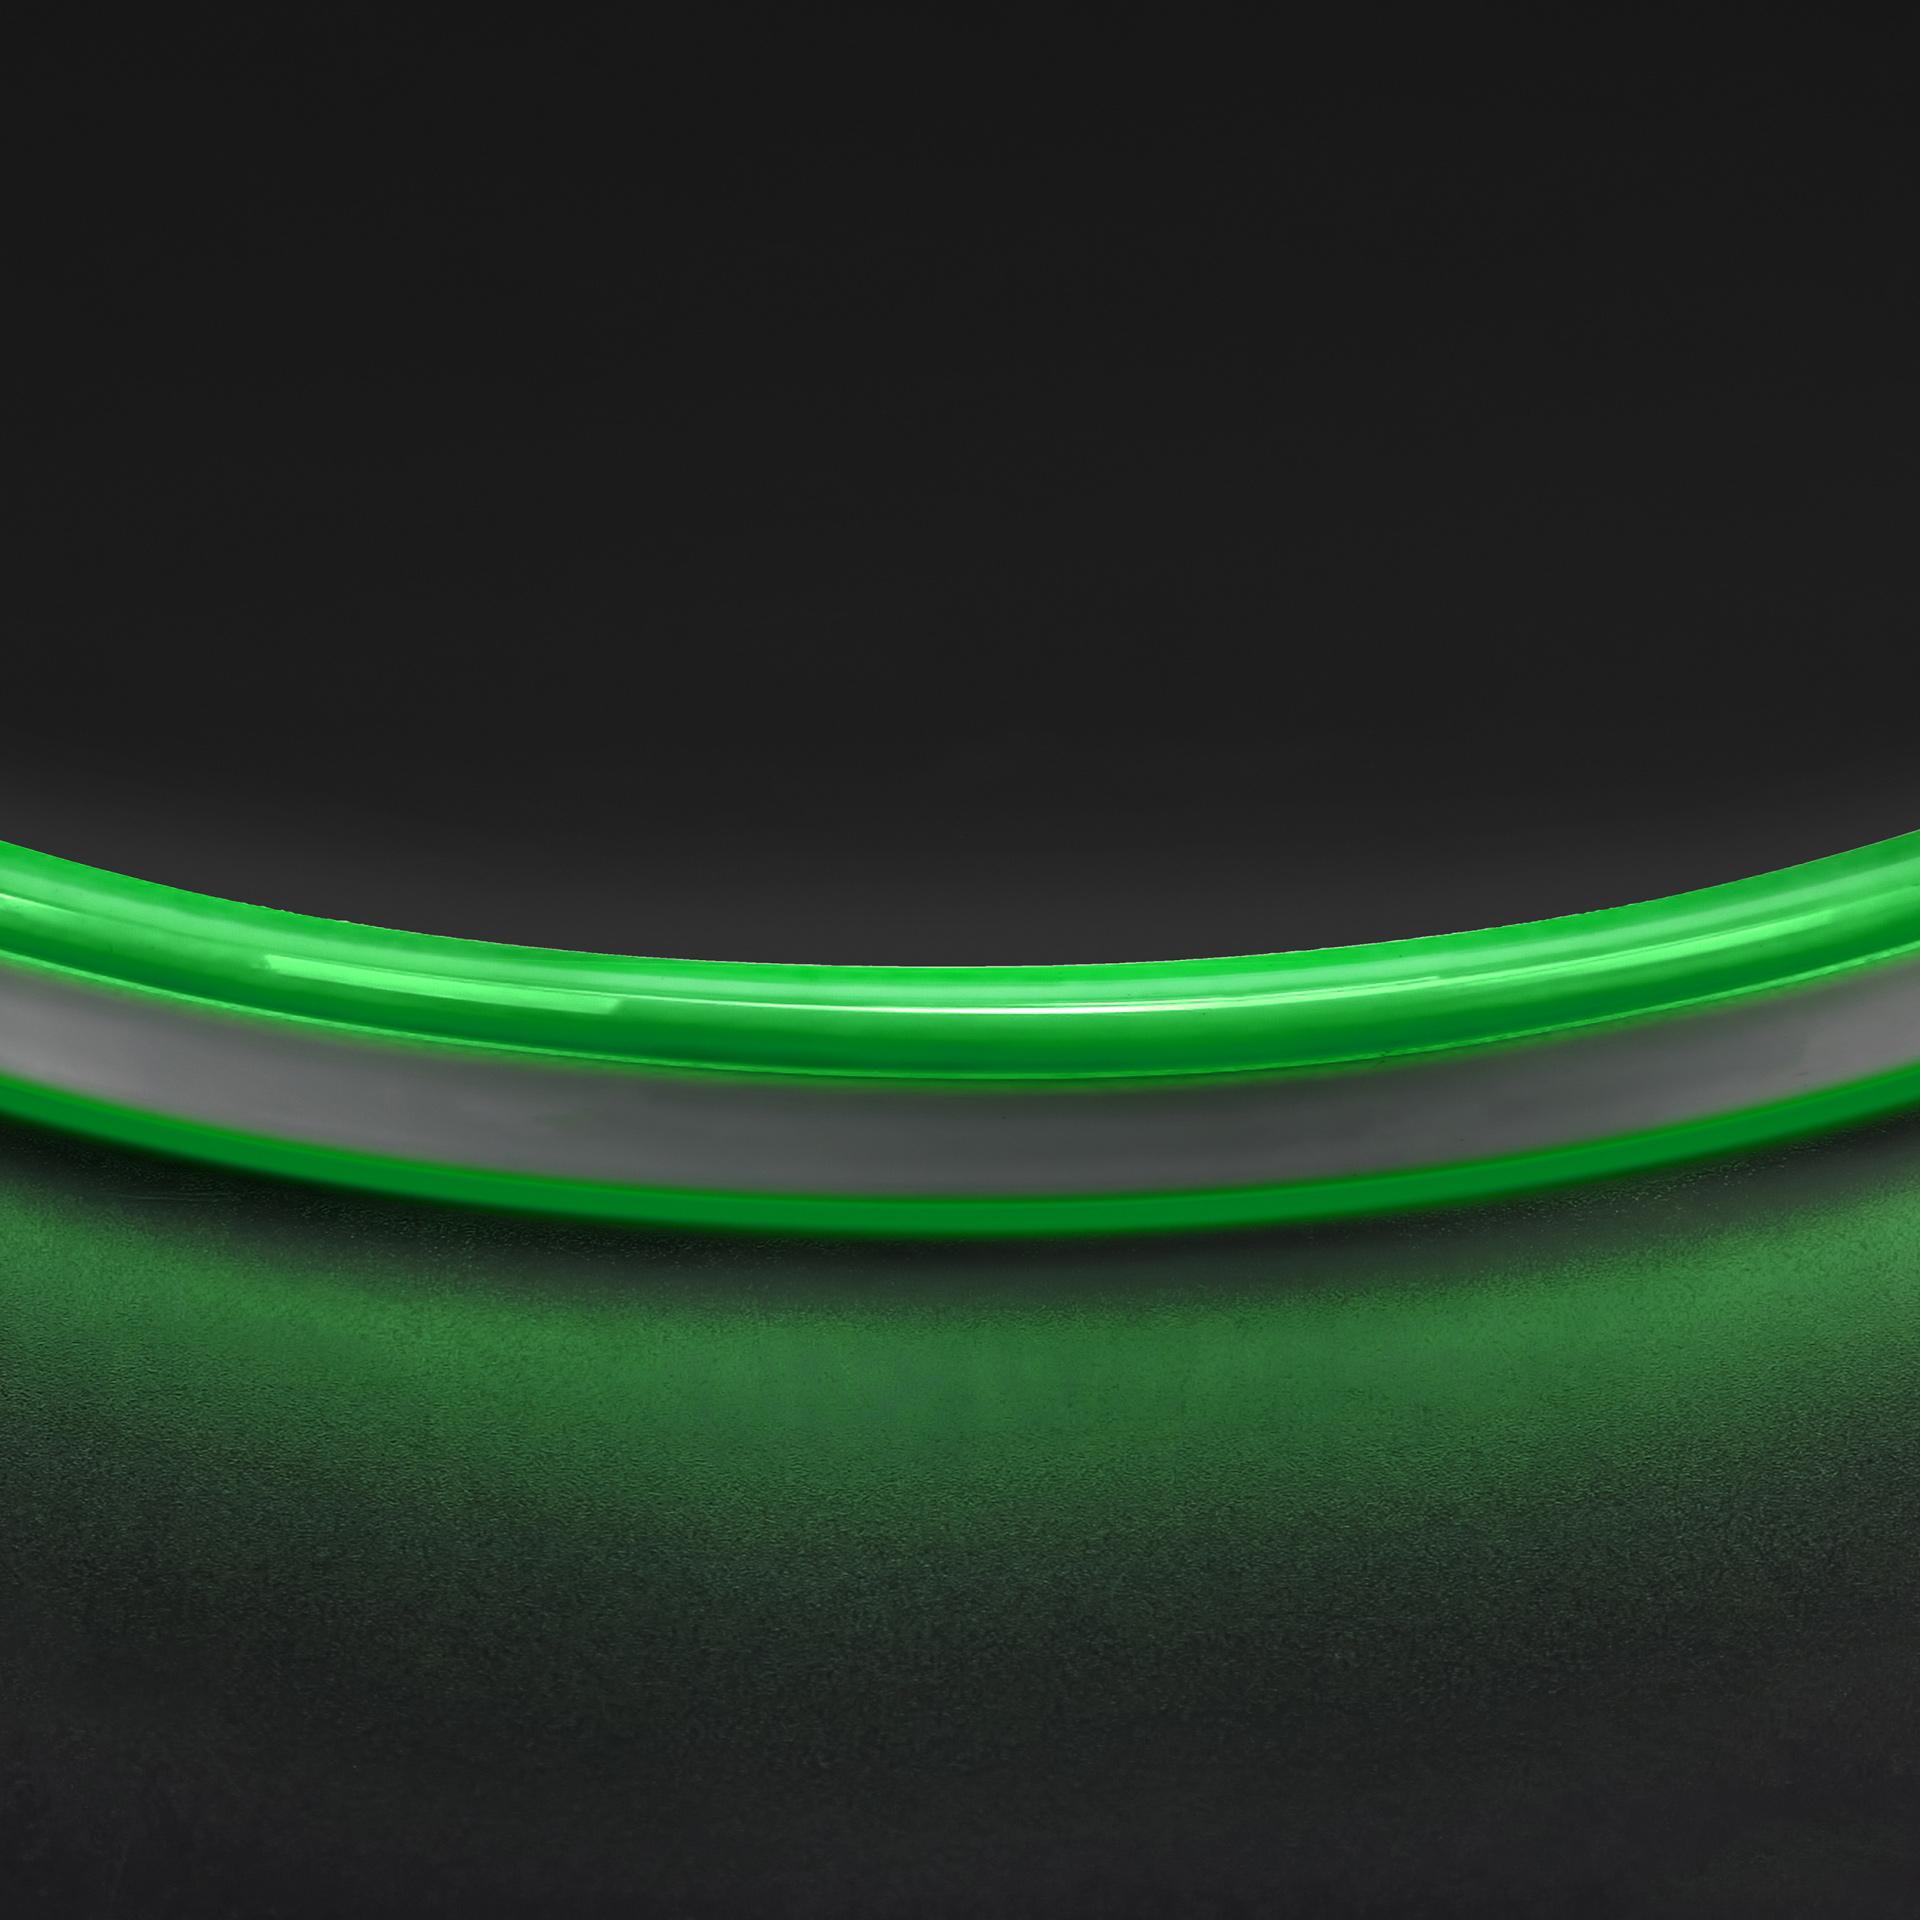 Лента гибкая неоновая NEOLED 220V 120 LED зеленый цвет IP65 Lightstar 430107, купить в СПб, Москве, с доставкой, Санкт-Петербург, интернет-магазин люстр и светильников Starlight, фото в жизни